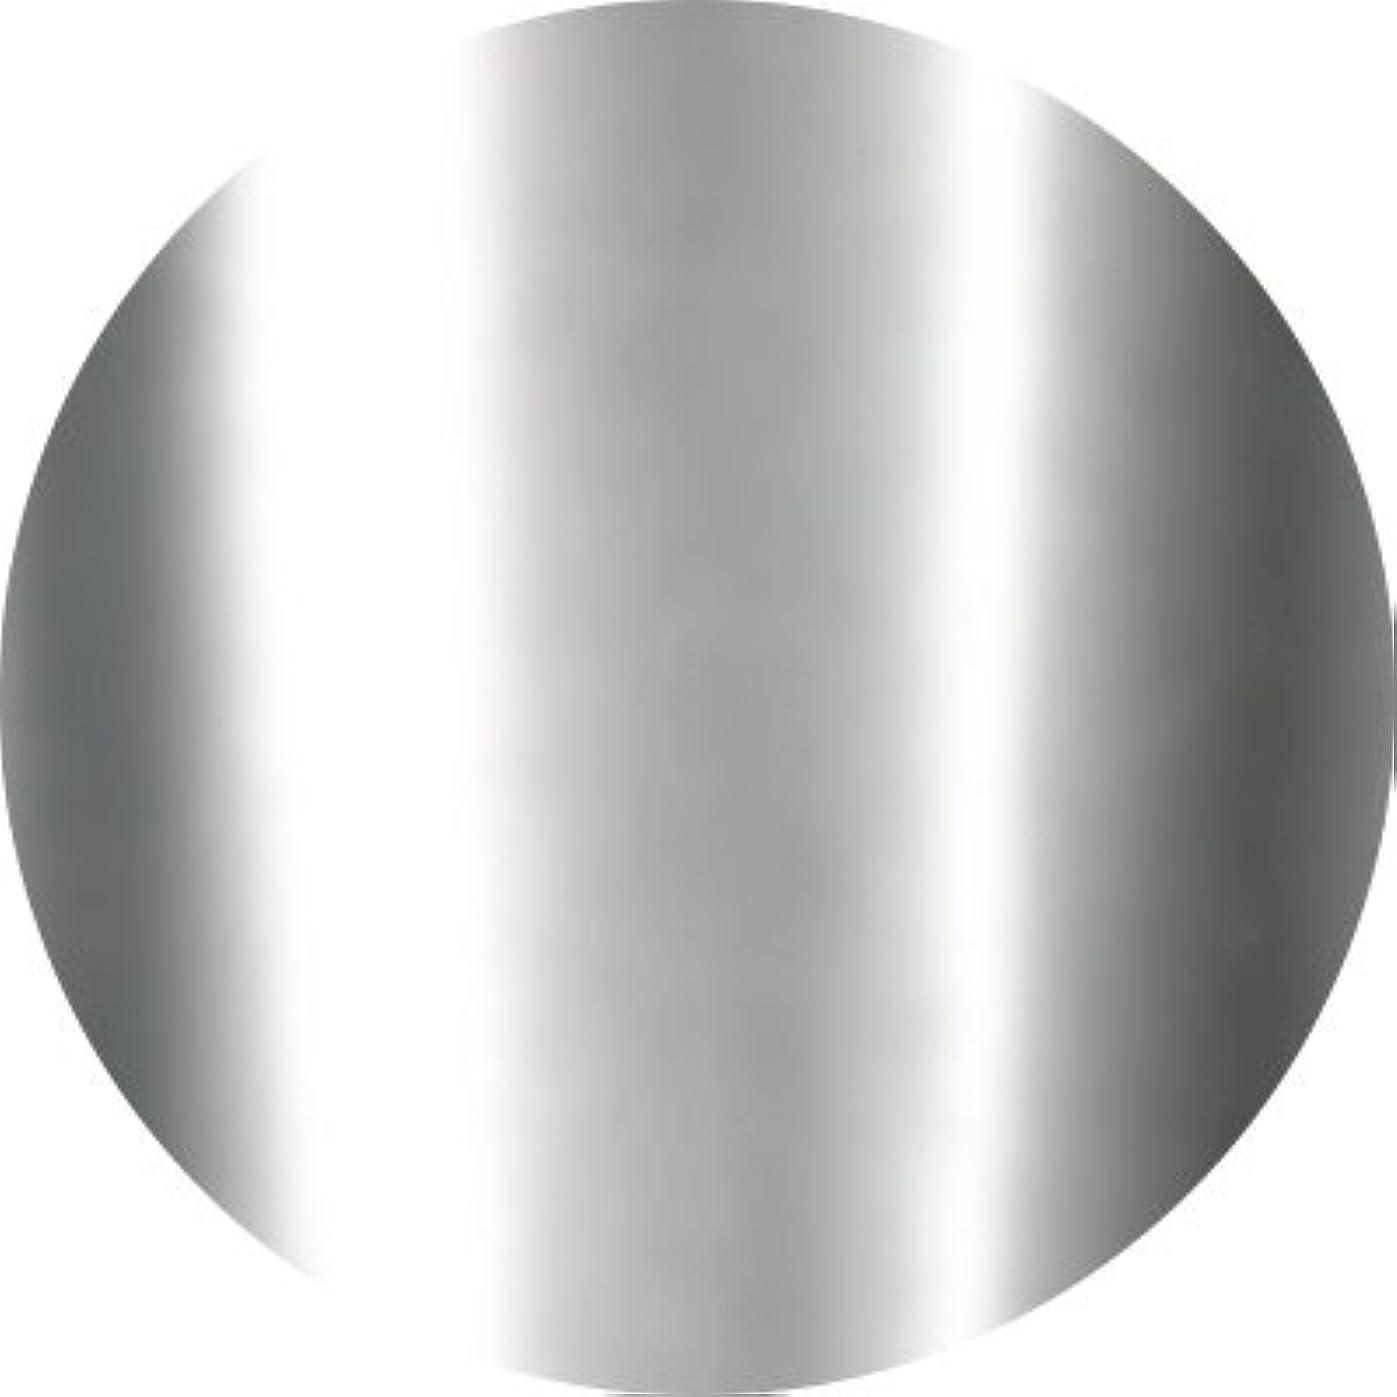 外出マッシュ石油Jewelry jel(ジュエリージェル) カラージェル 5ml<BR>ピッカピカメタリック MKシルバー